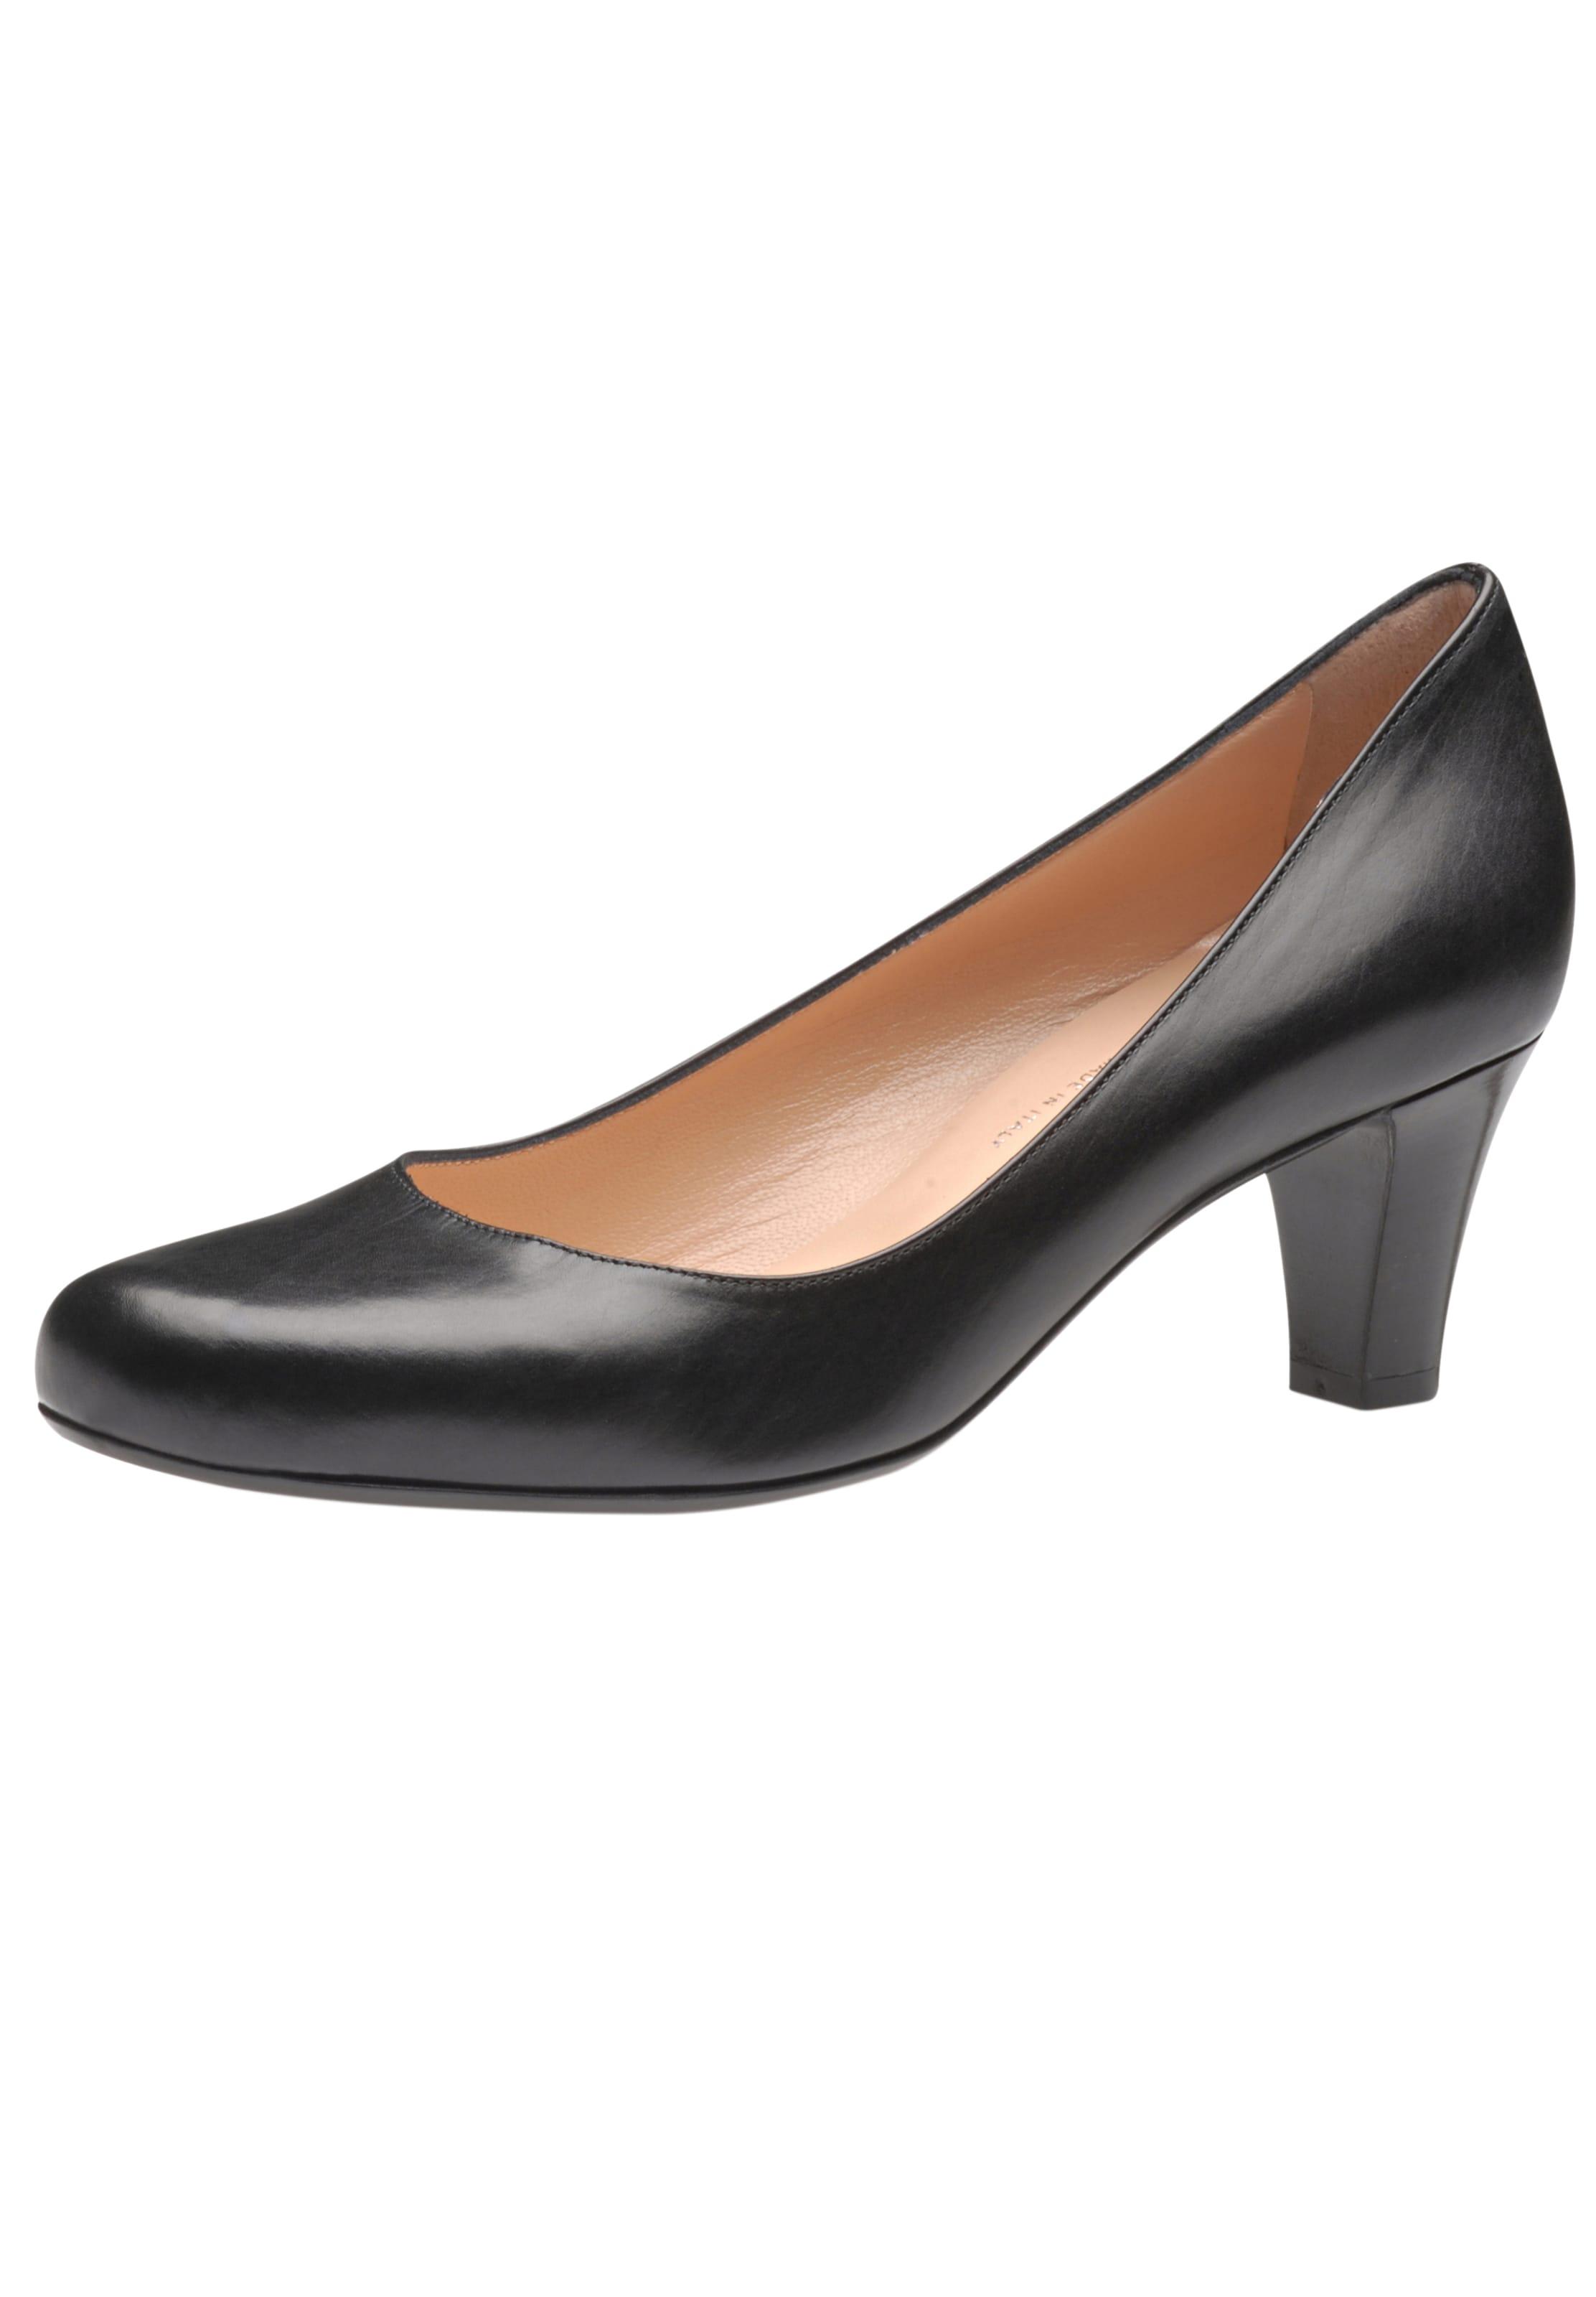 EVITA Pumps Verschleißfeste billige Schuhe Hohe Qualität